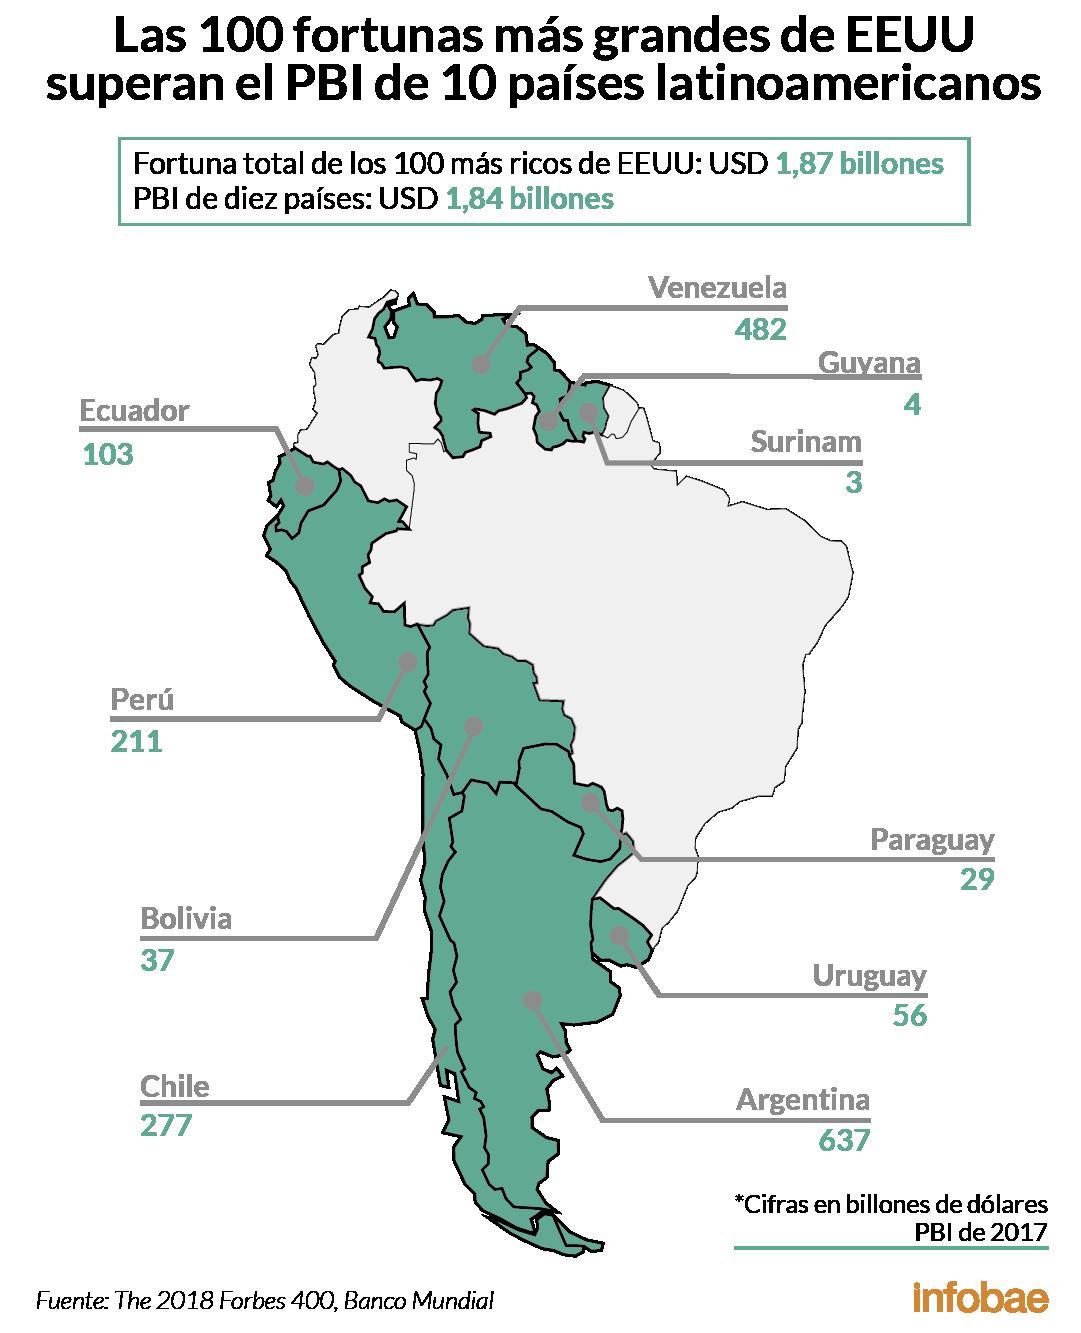 La Fortuna De Las 100 Personas Mas Ricas De Estados Unidos En 5 Graficos Infobae